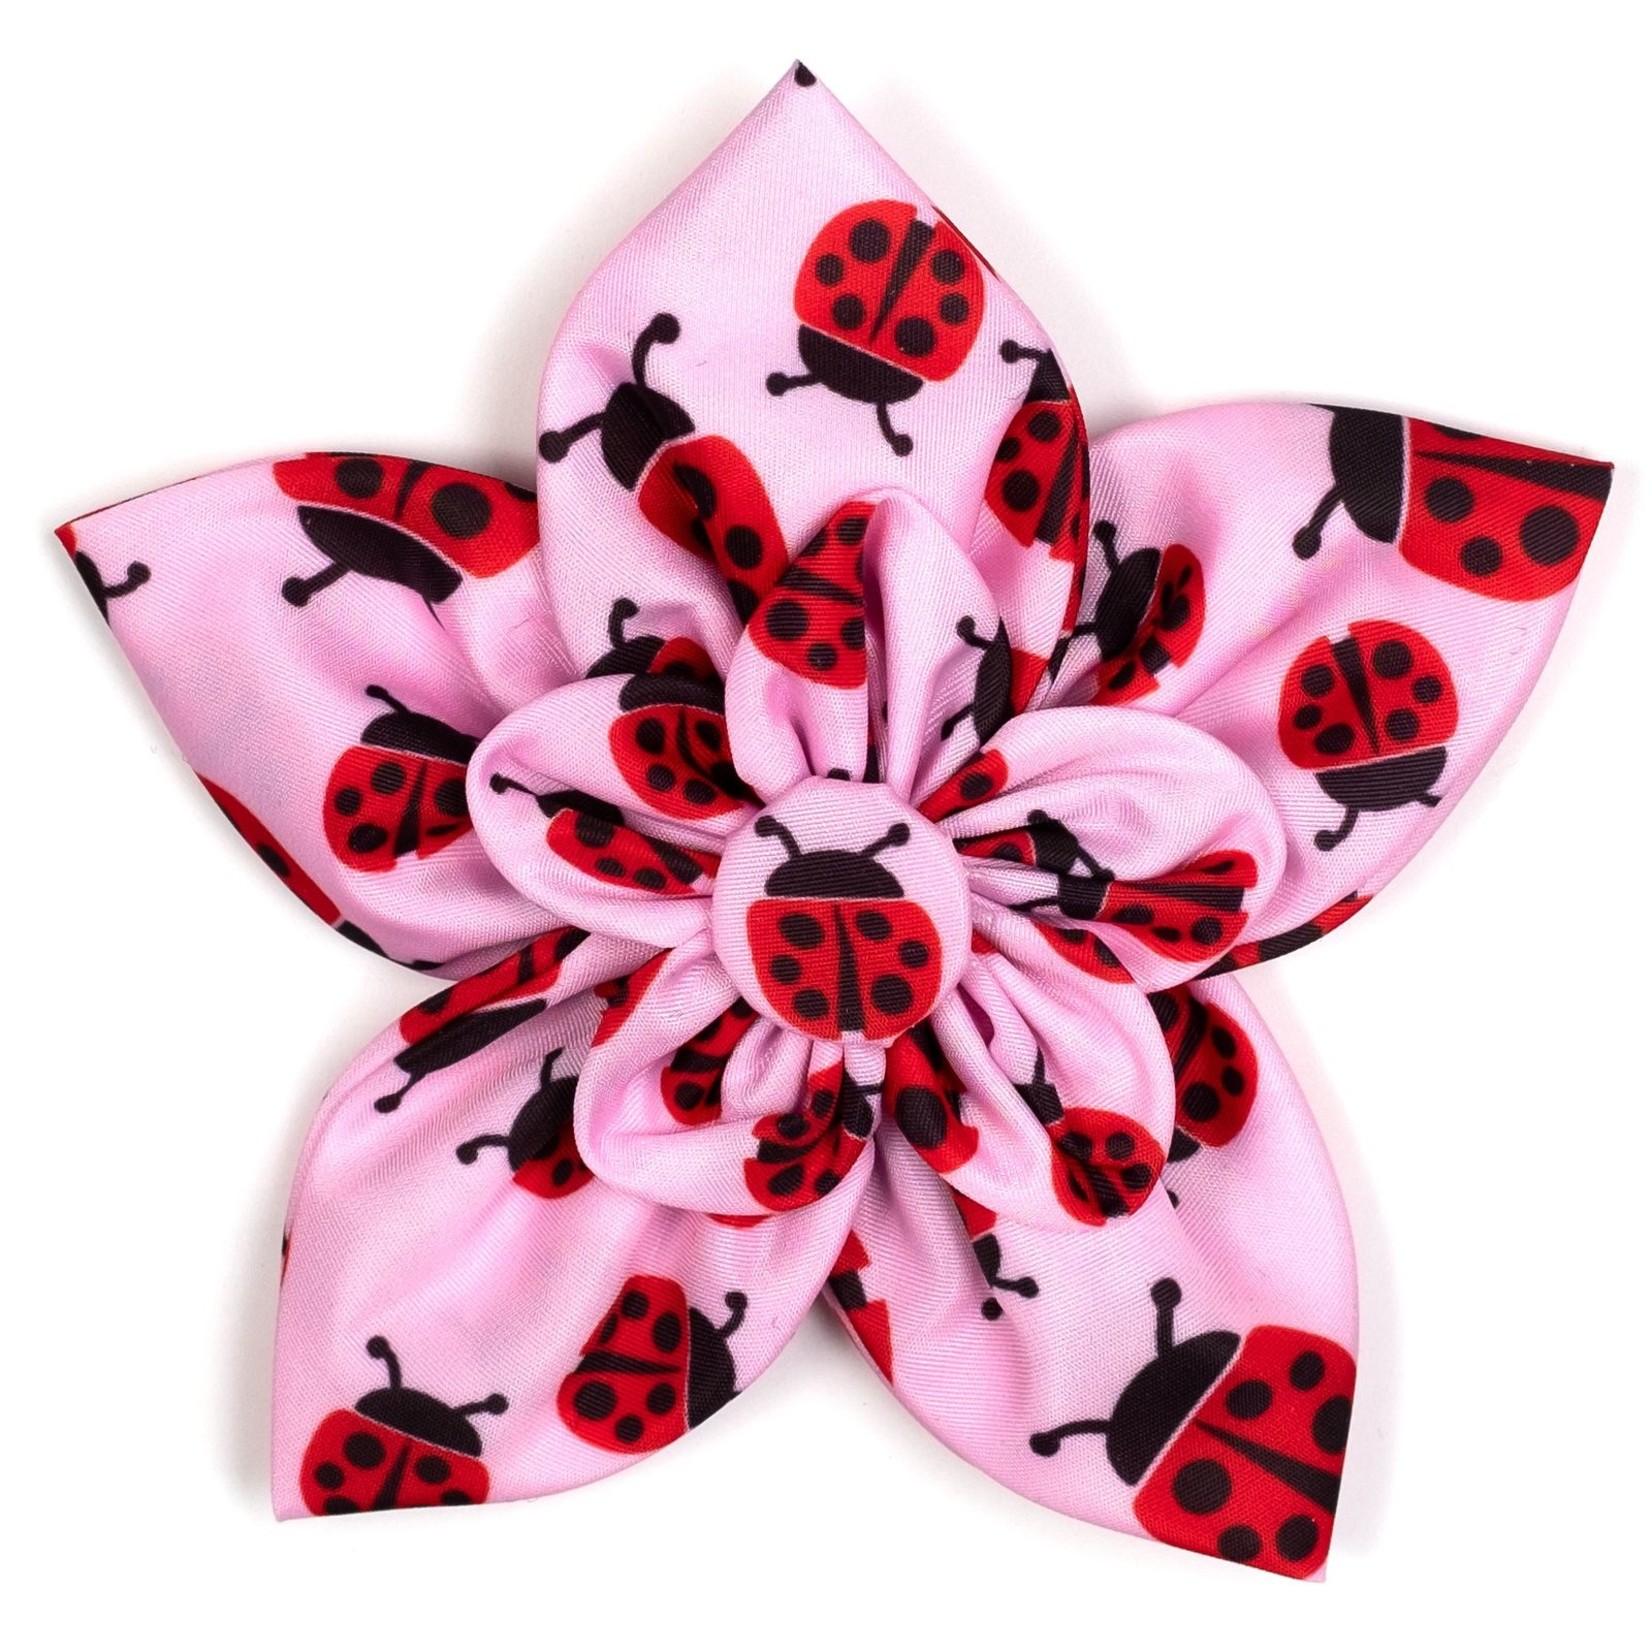 Worthy Dog The Worthy Dog Flower Ladybugs